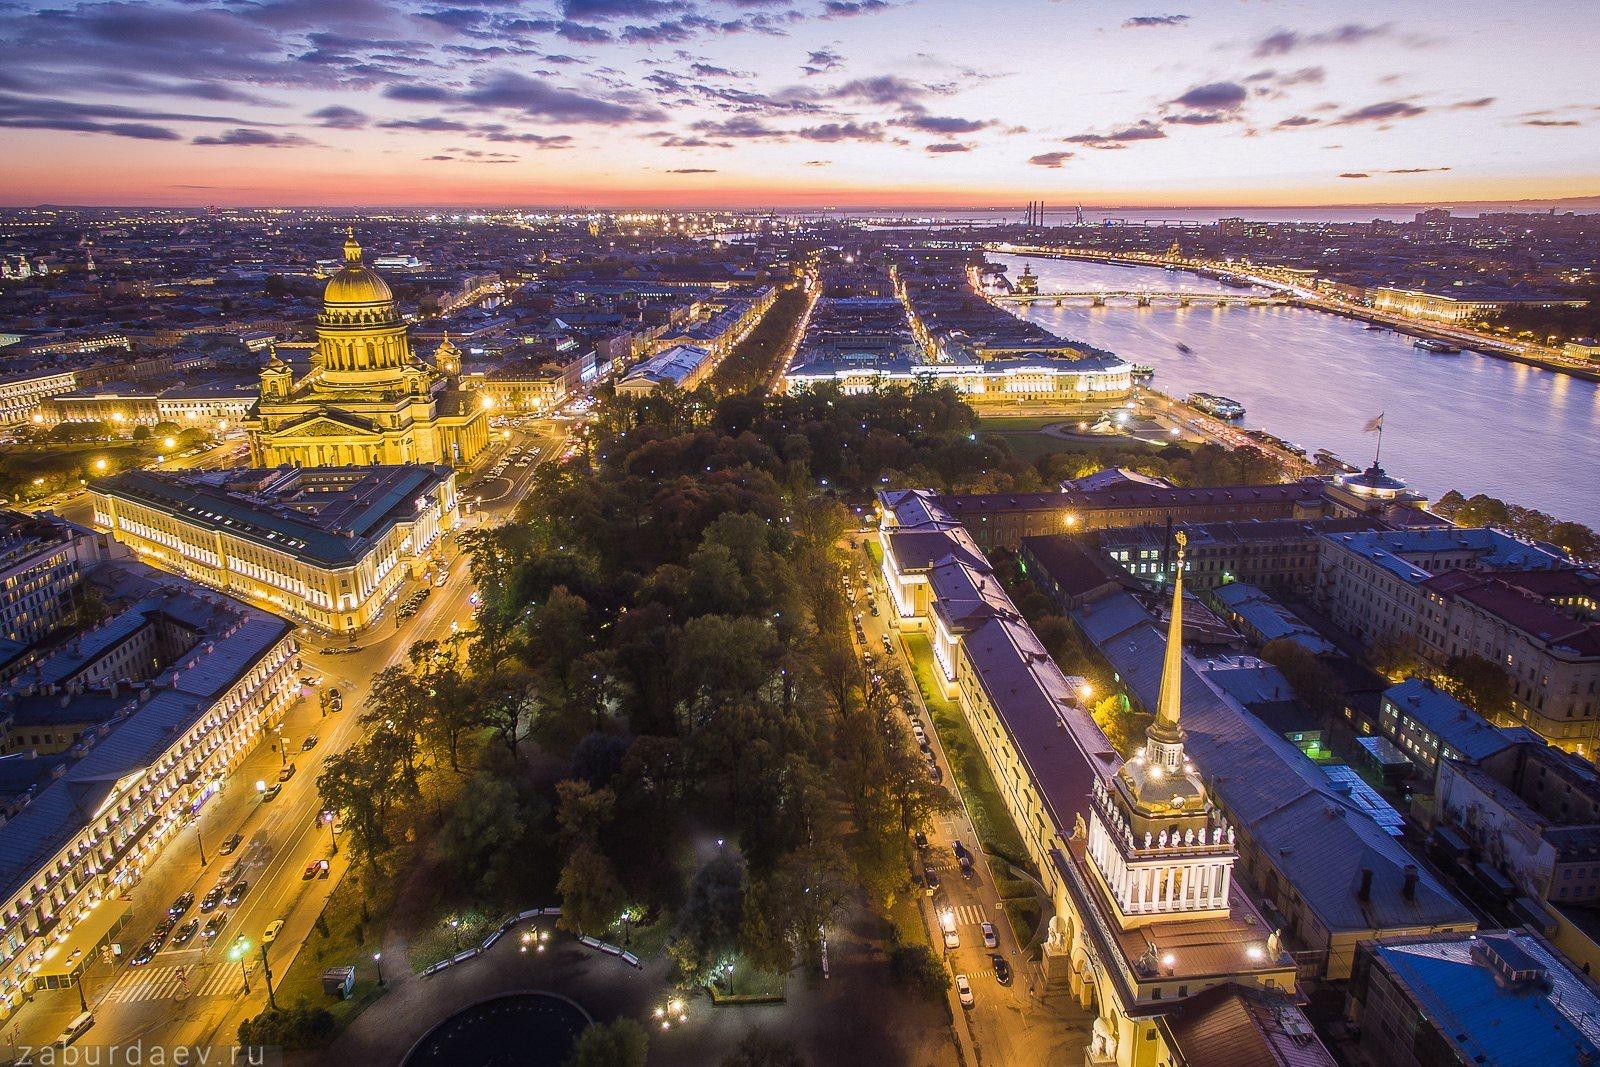 виды санкт петербурга фото высокого разрешения проведении модернизации